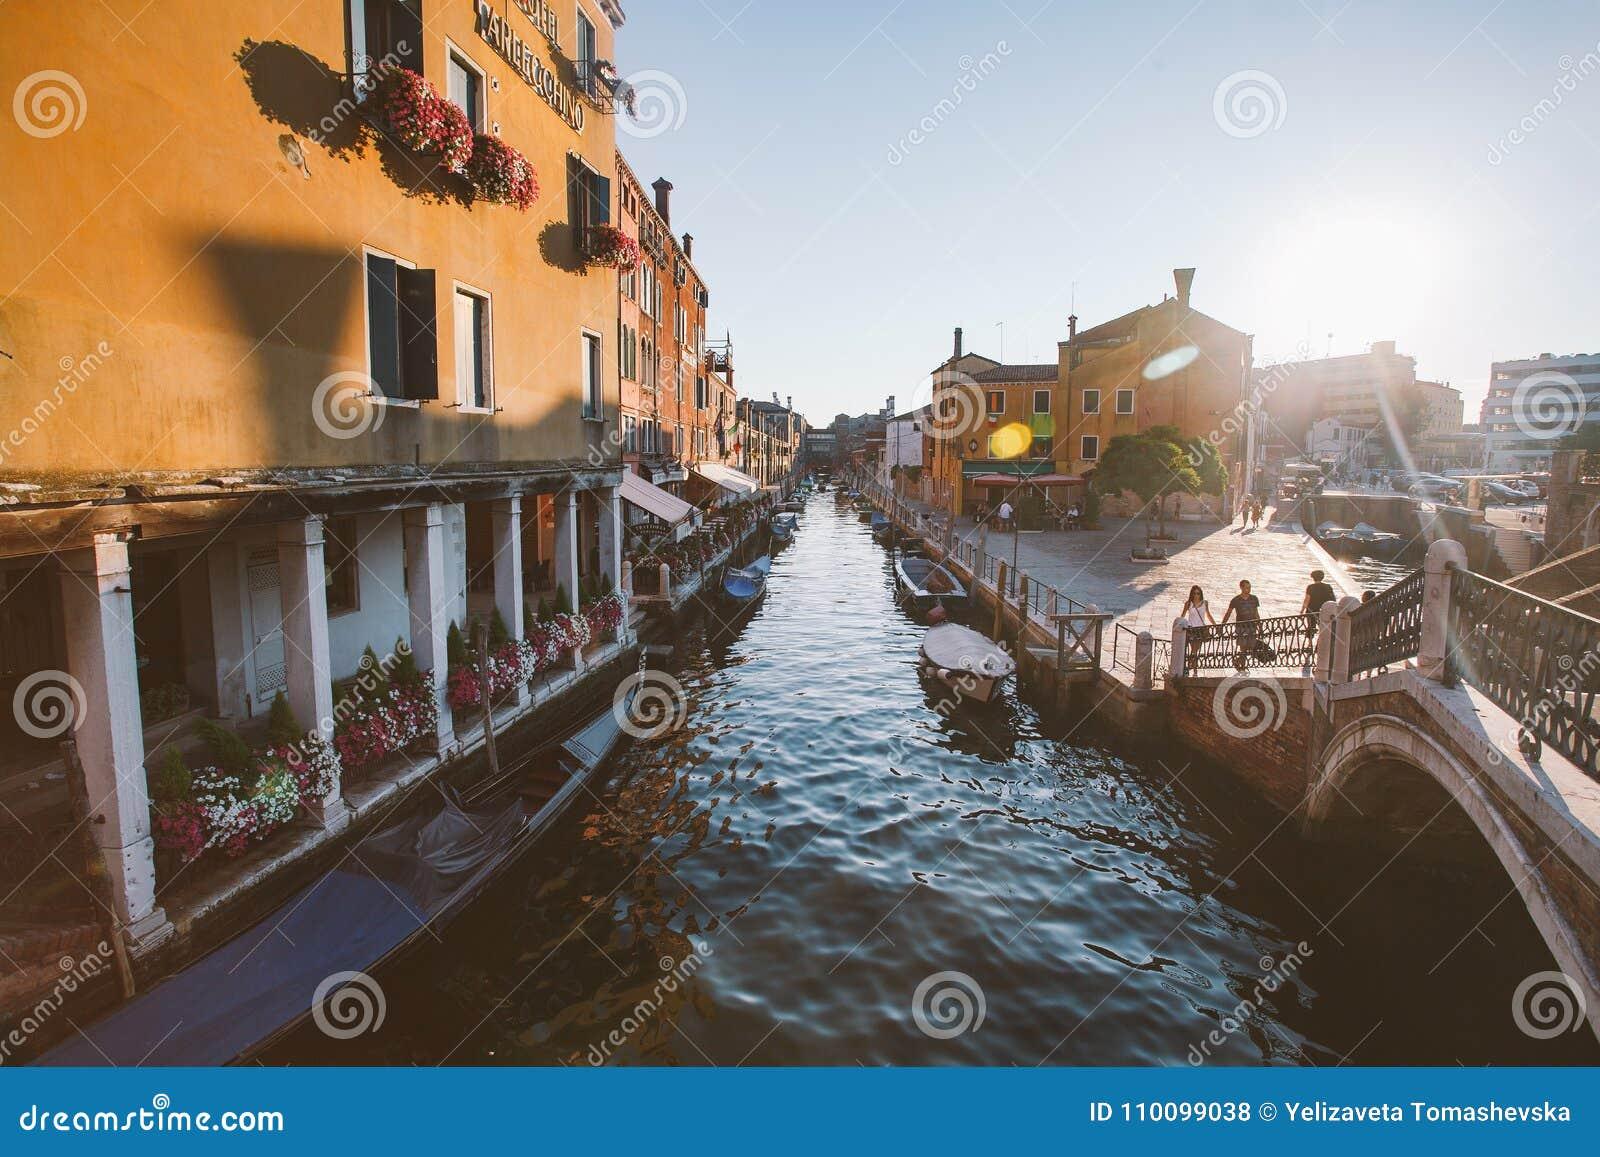 22 juli, de schilderachtige zonsondergang van Venetië Italië van 2013 over kanaal met boten onder de oude kleurrijke straten van